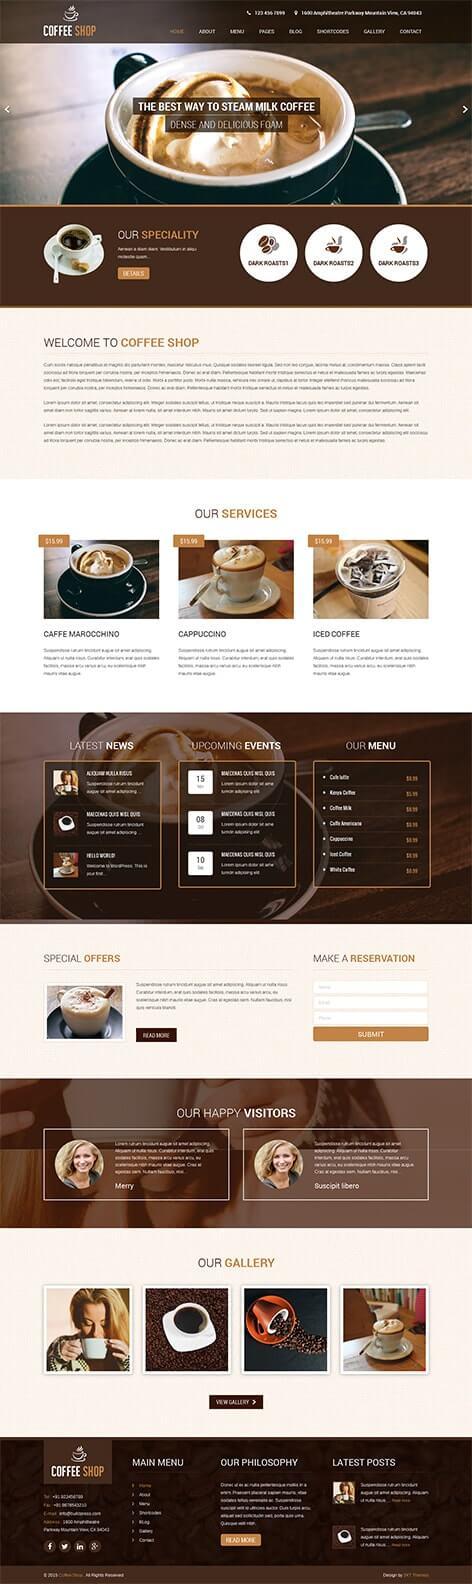 coffee wordpress theme 1 - Coffee